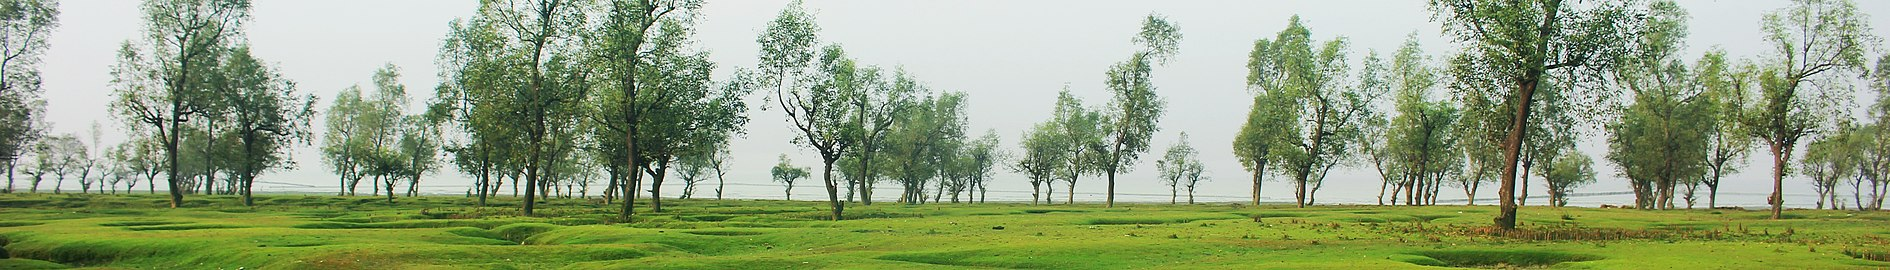 গুলিয়াখালী সমুদ্র সৈকত চট্টগ্রাম জেলার সীতাকুণ্ড (cropped).jpg